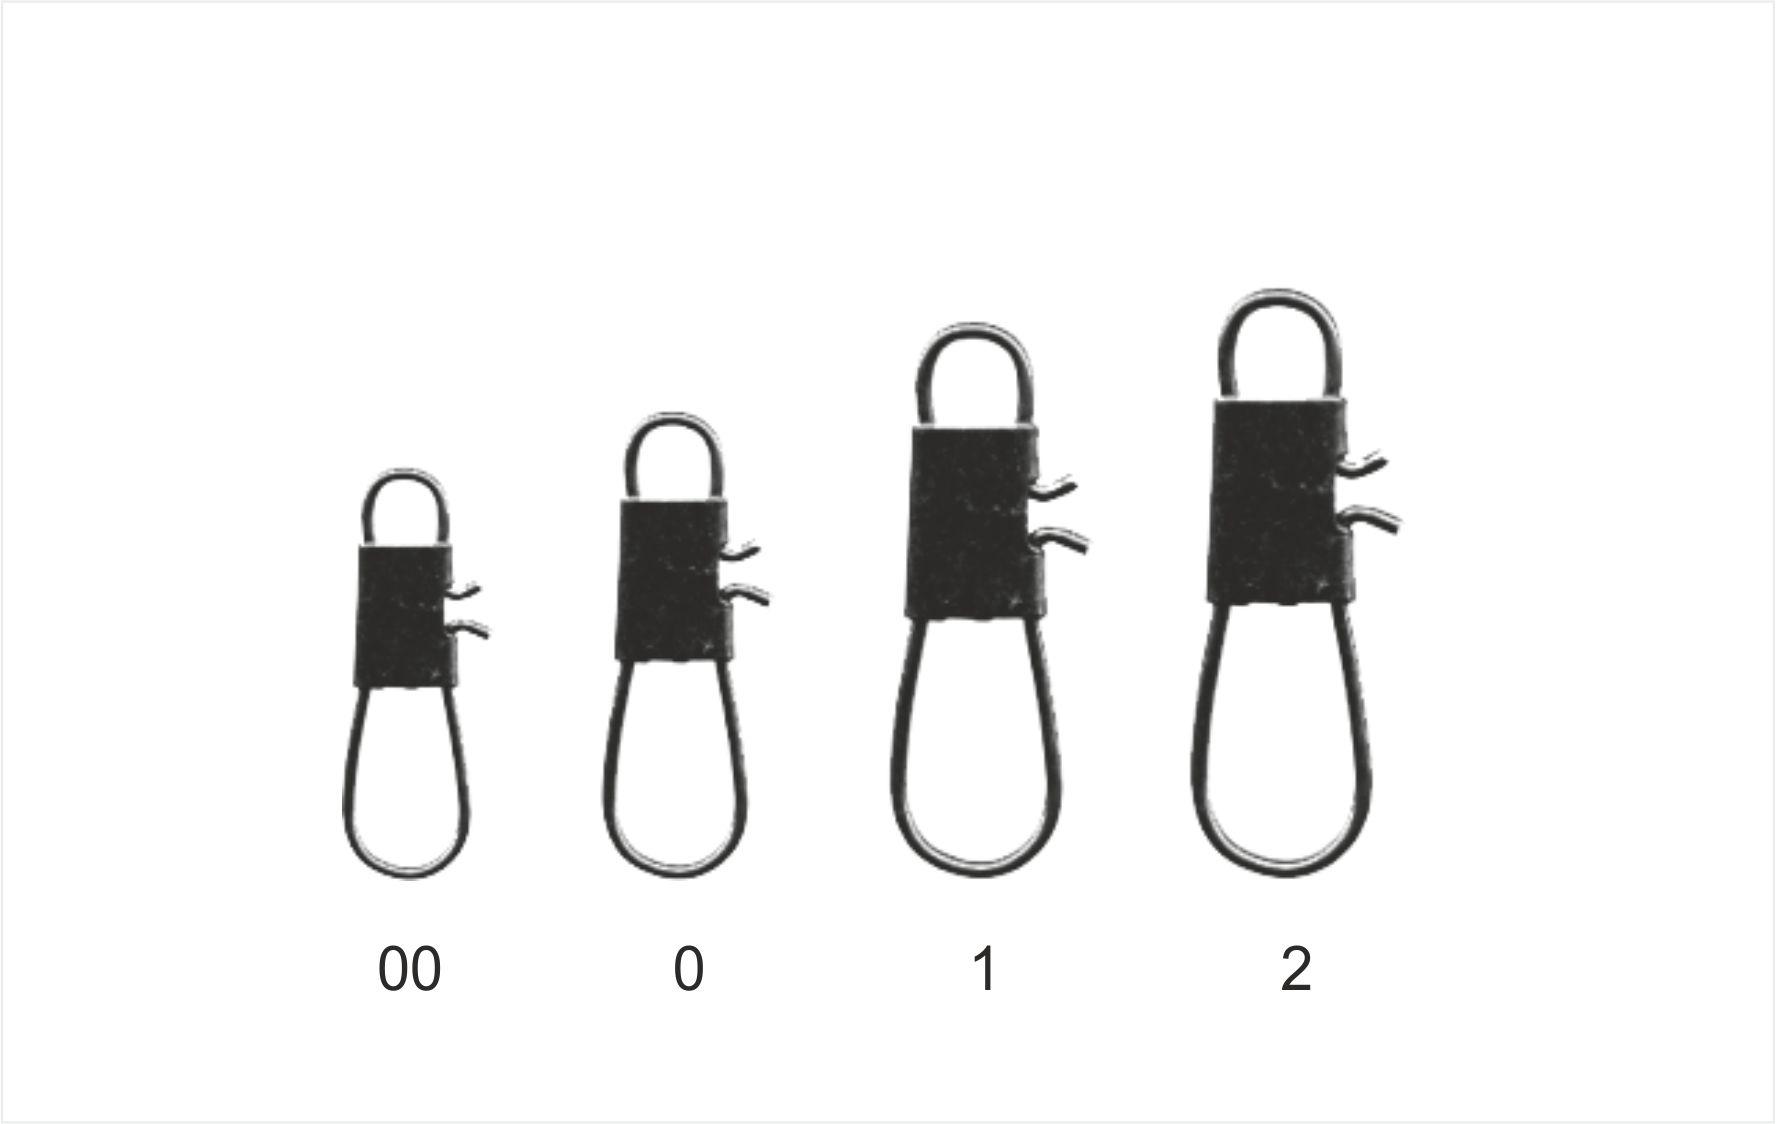 Mistrall karabinka vel. 0, 10 kg, 10ks/bal